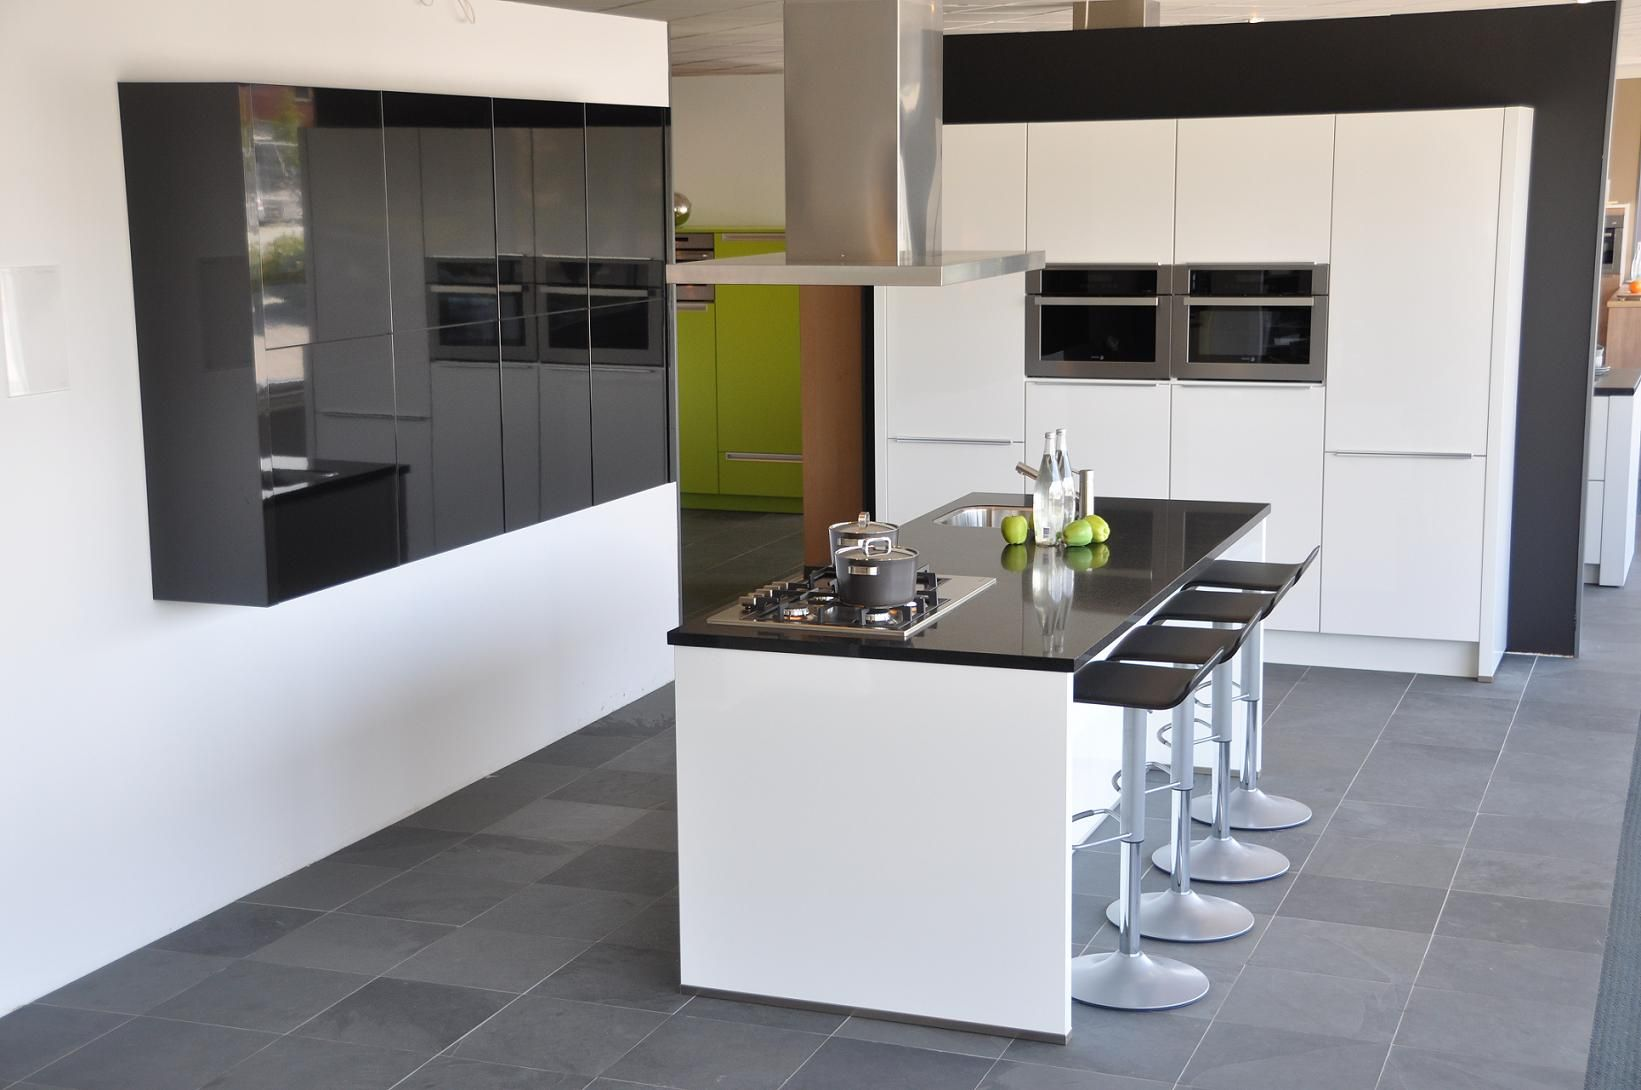 Ikea Keuken Schilderen : Voorkeur hoogglans keuken ikea ff u aboriginaltourismontario